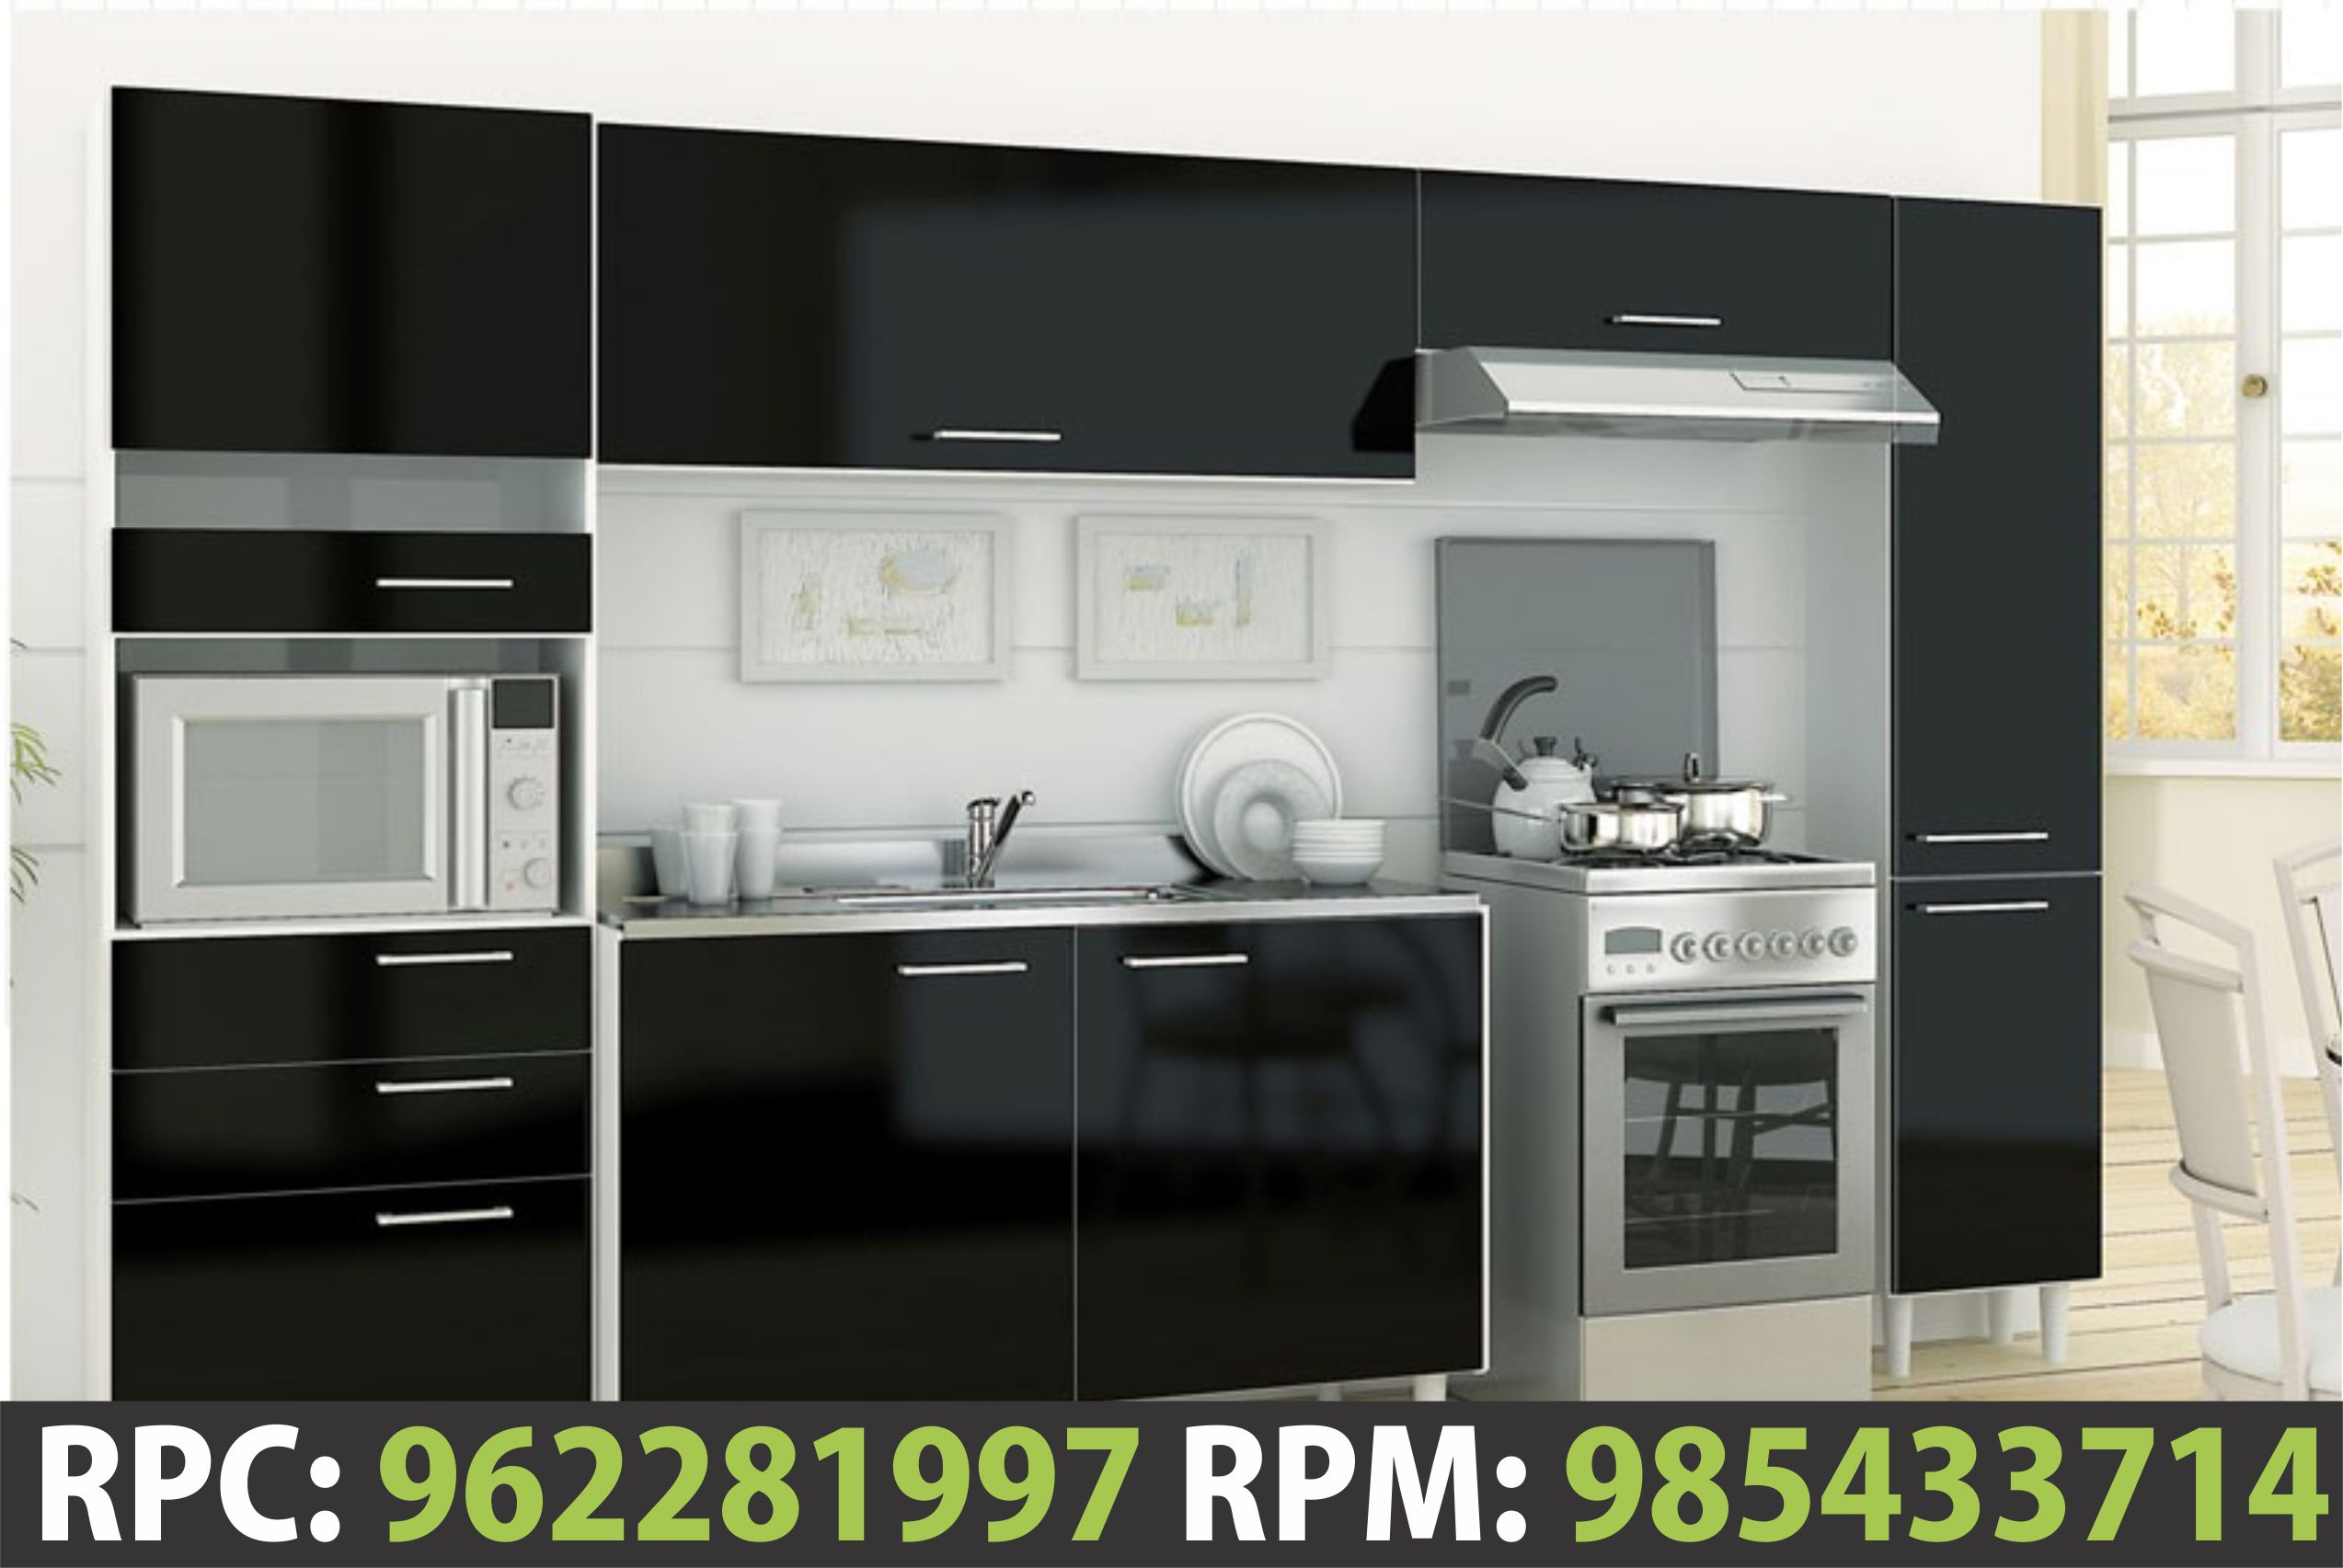 Colores De Muebles De Cocina Modernos | Azulejos Modernos Cocina ...